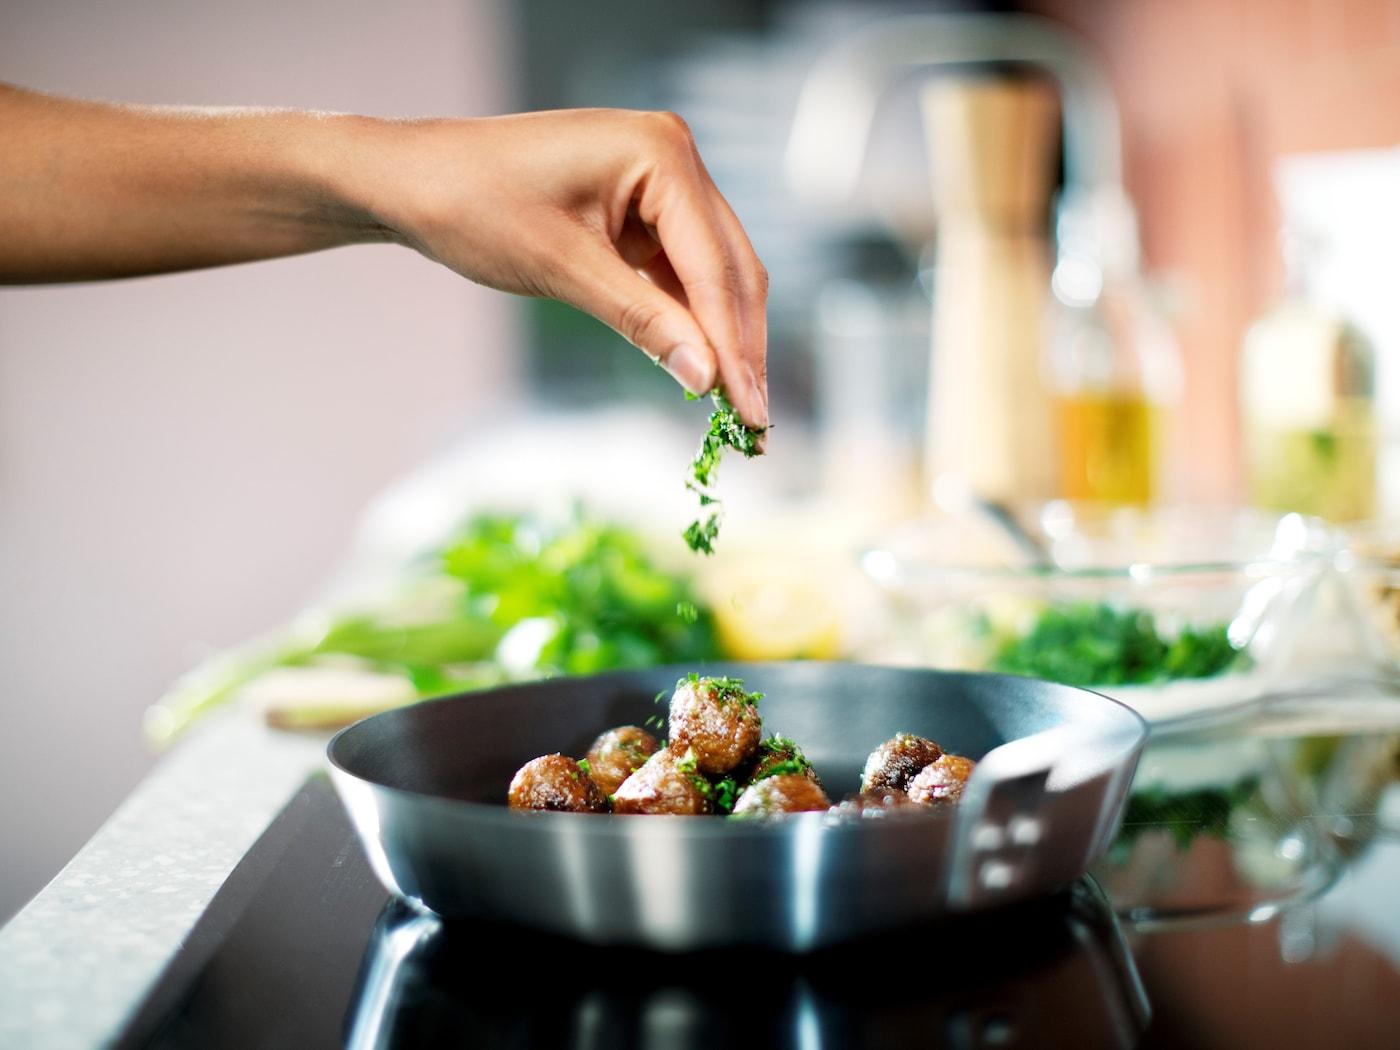 Une main assaisonne des boulettes végétales HUVUDROLL dans une poêle IKEA 365+.